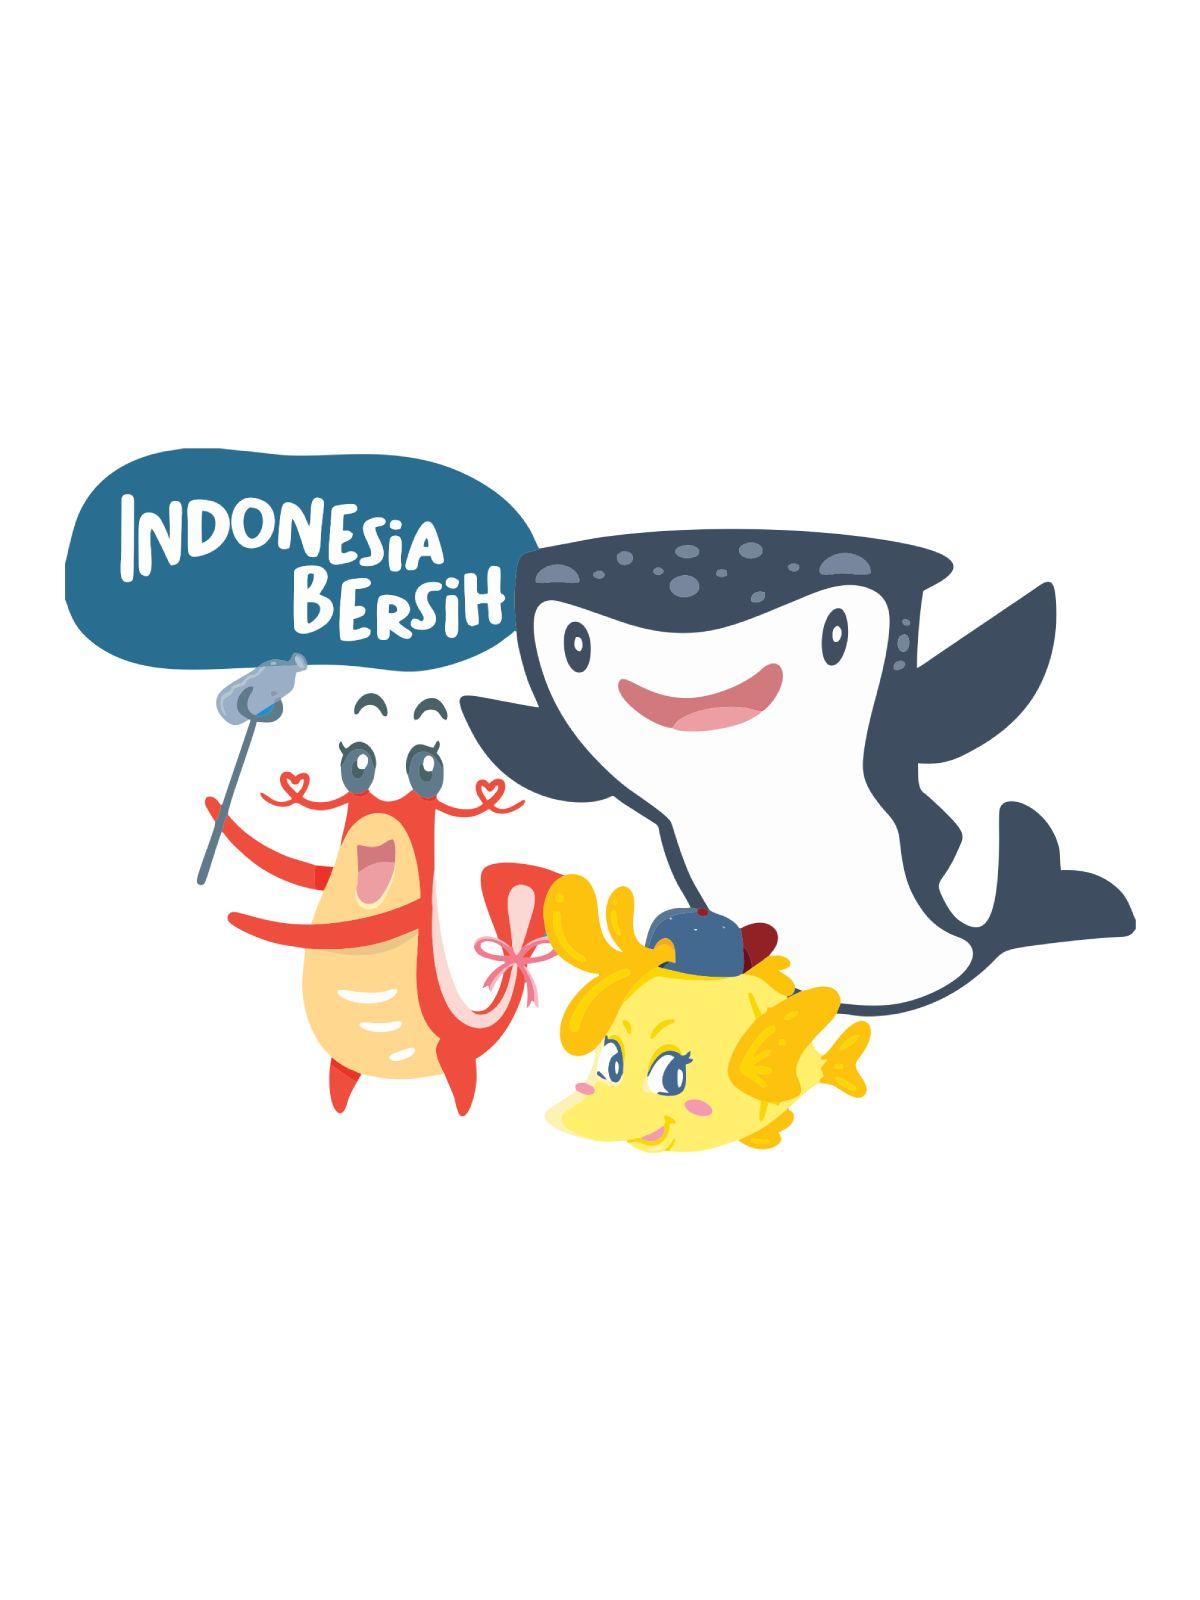 Gerakan Indonesia Bersih